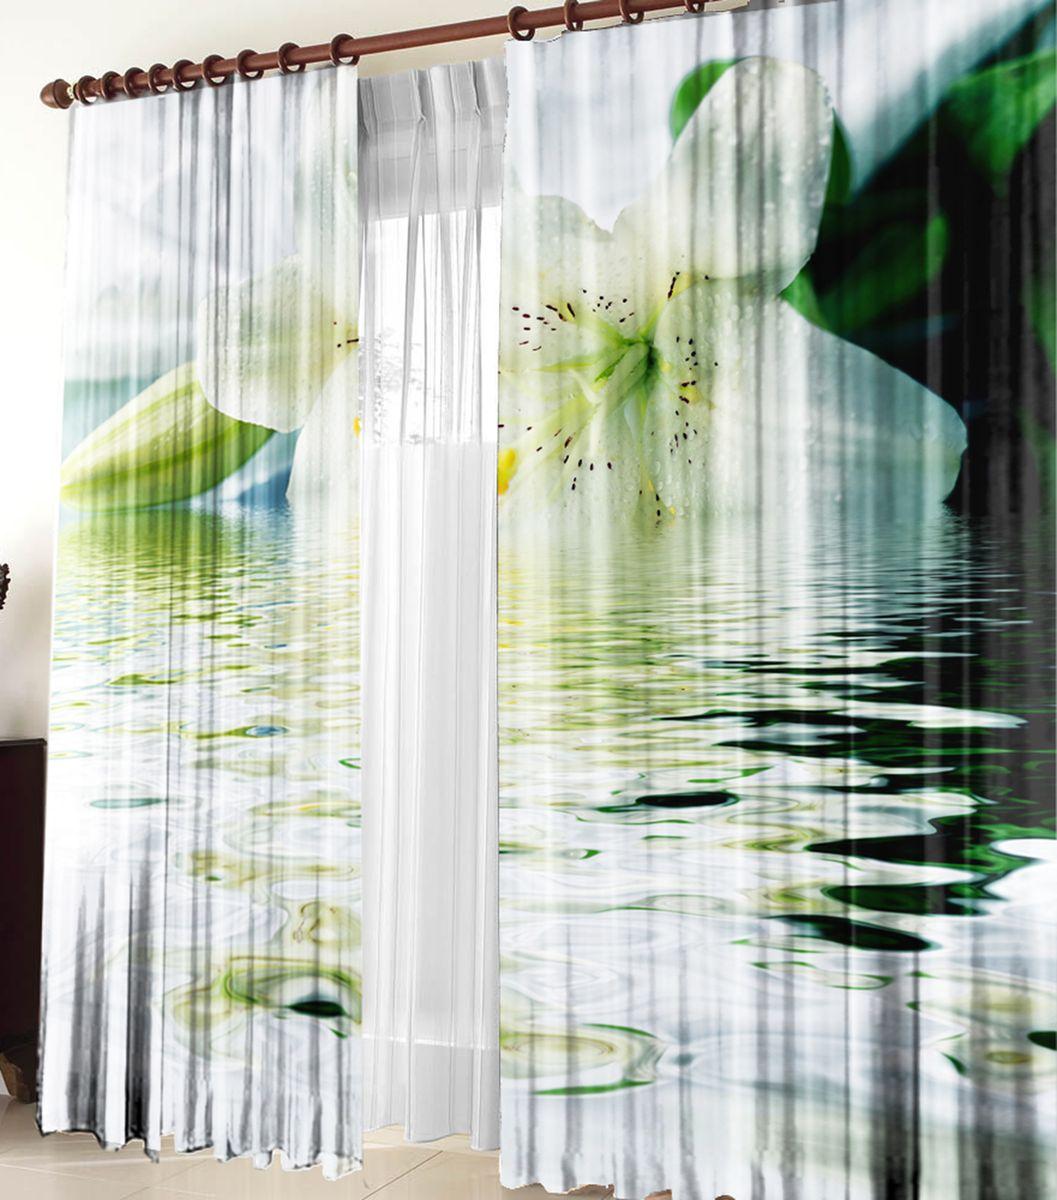 Комплект фотоштор Zlata Korunka Блюз, на ленте, высота 270 см. 2115321153Фотошторы Blackout - это особый вид светонепроницаемой ткани, не выцветает, прекрасно драпируется и при этом очень хорошо сохраняет форму, отличается высокой плотностью полотна и хорошей износостойкостью, обладает высокими тепло- и звукоизоляционными свойствами.Рекомендации по уходу: бережная стирка при 30°С, деликатный отжим, отбеливание запрещено, ткань blackout не требует глажки.Светопоглощение: 100%.Оттенок изделия может отличаться от представленногона сайте в силу особенностей цветопередачи фототехники и вашего монитора.